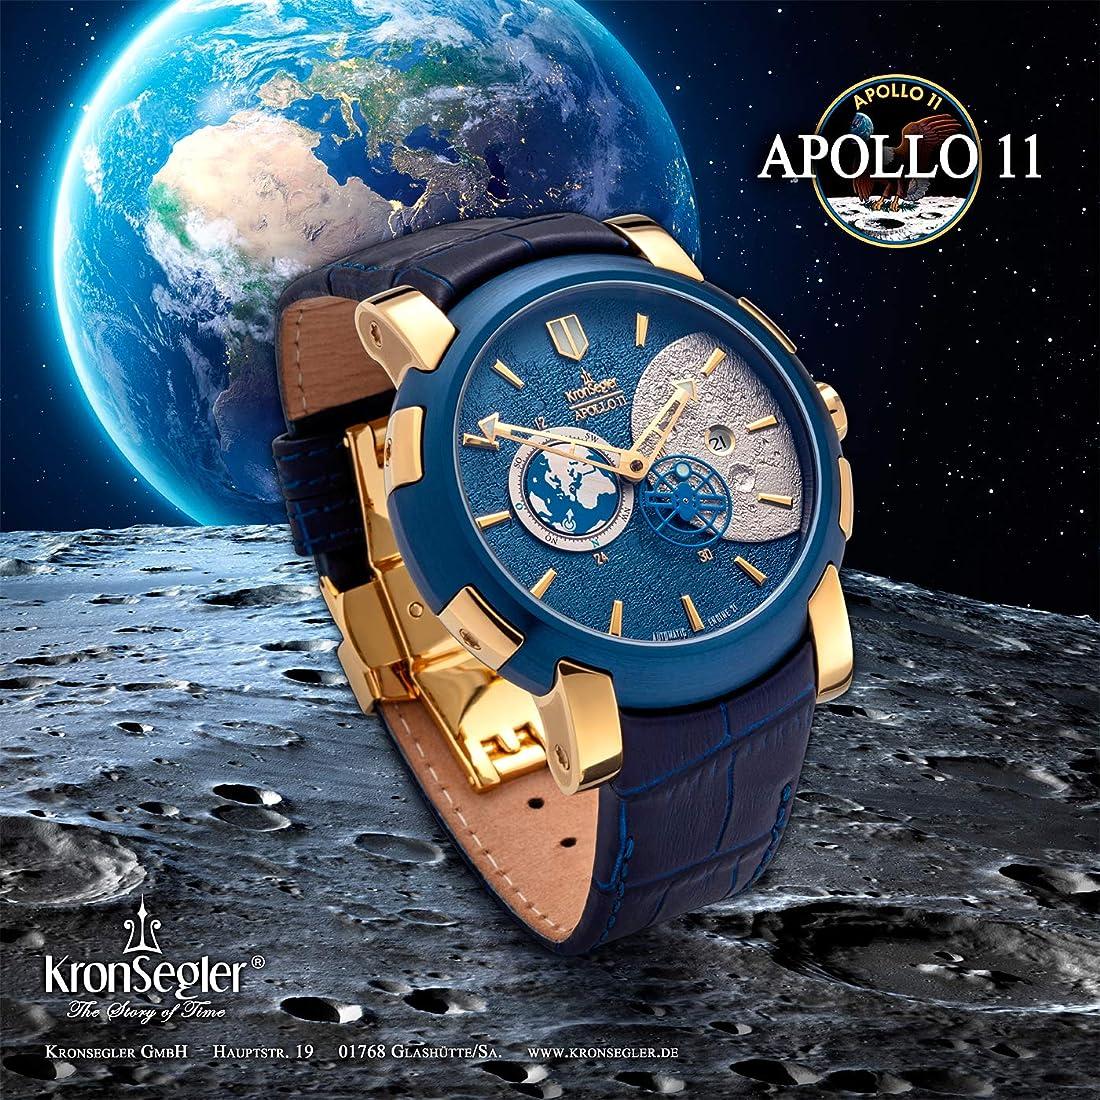 Orologio kronsegler apollo 11 automatico oro-blu limitato 7383